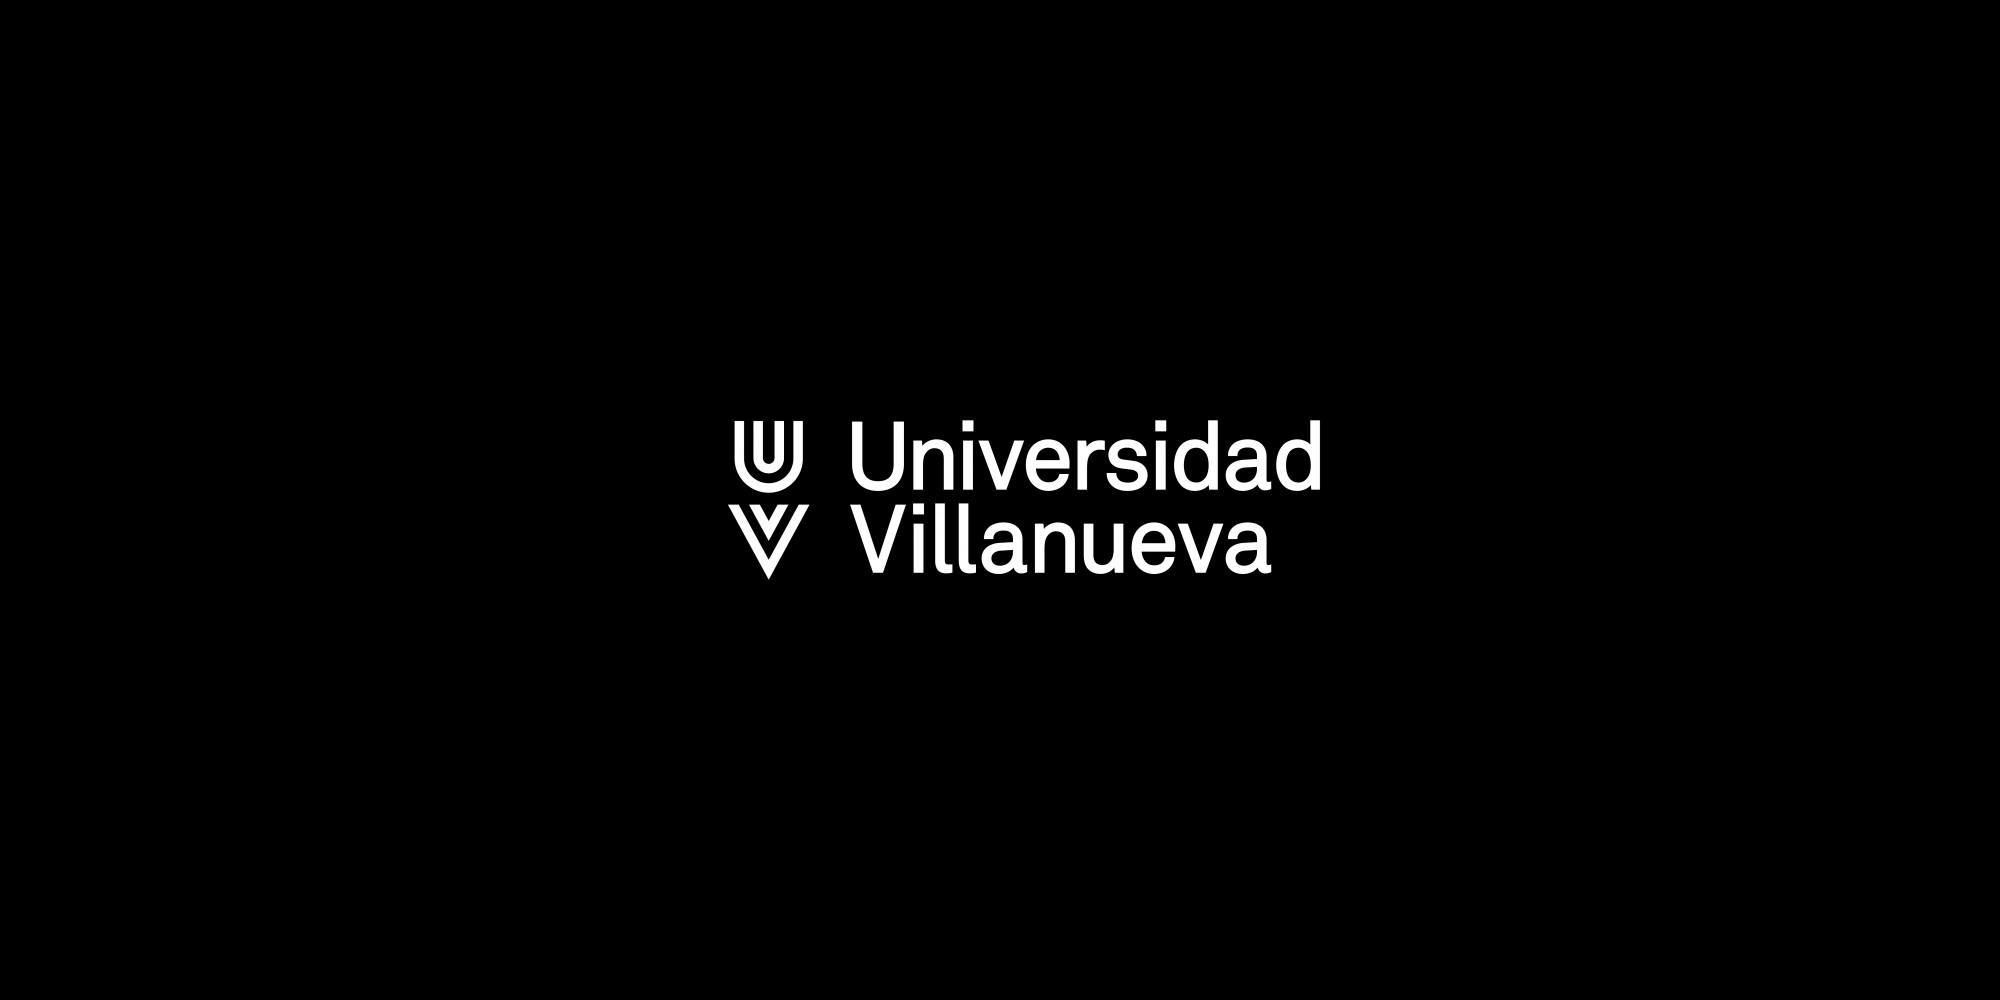 Universidad Villanueva logo wkontrze